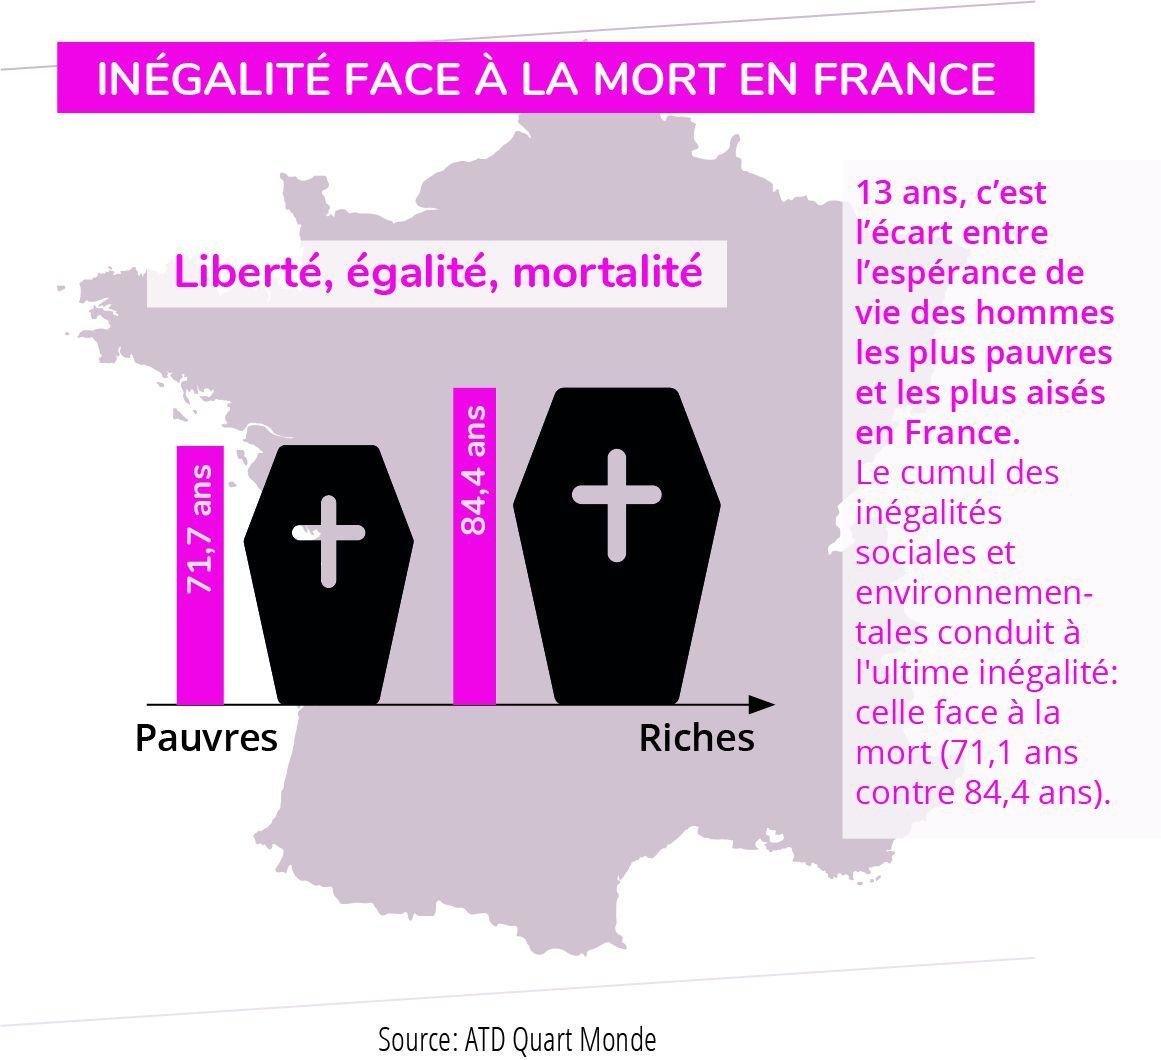 Graphie sur les inégalités face à la morten France